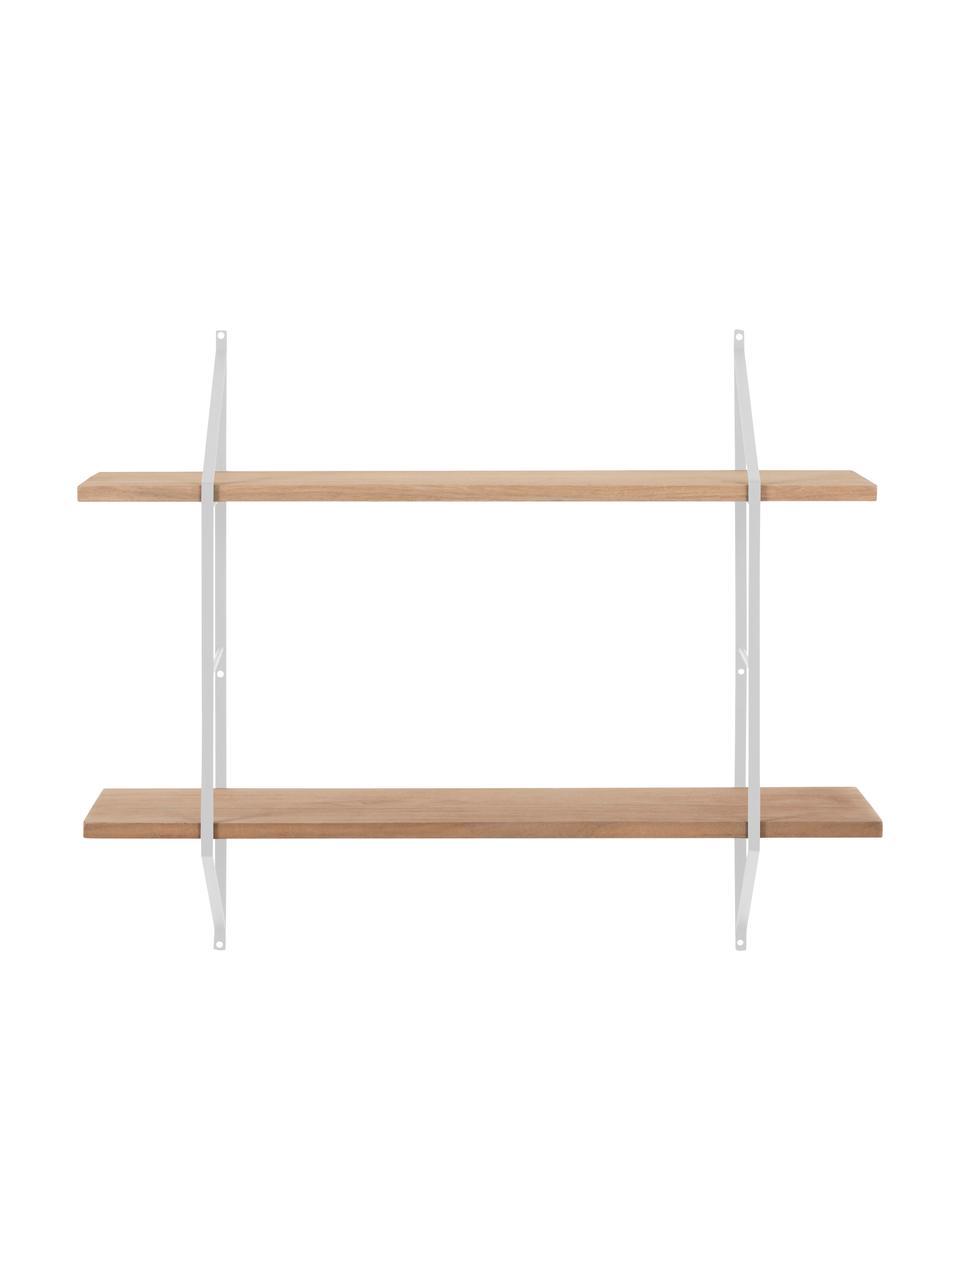 Ripiano da parete in legno e metallo Belfast, Struttura: metallo verniciato a polv, Mensole: legno di paulownia, tinto, Bianco, marrone chiaro, Larg. 76 x Alt. 63 cm